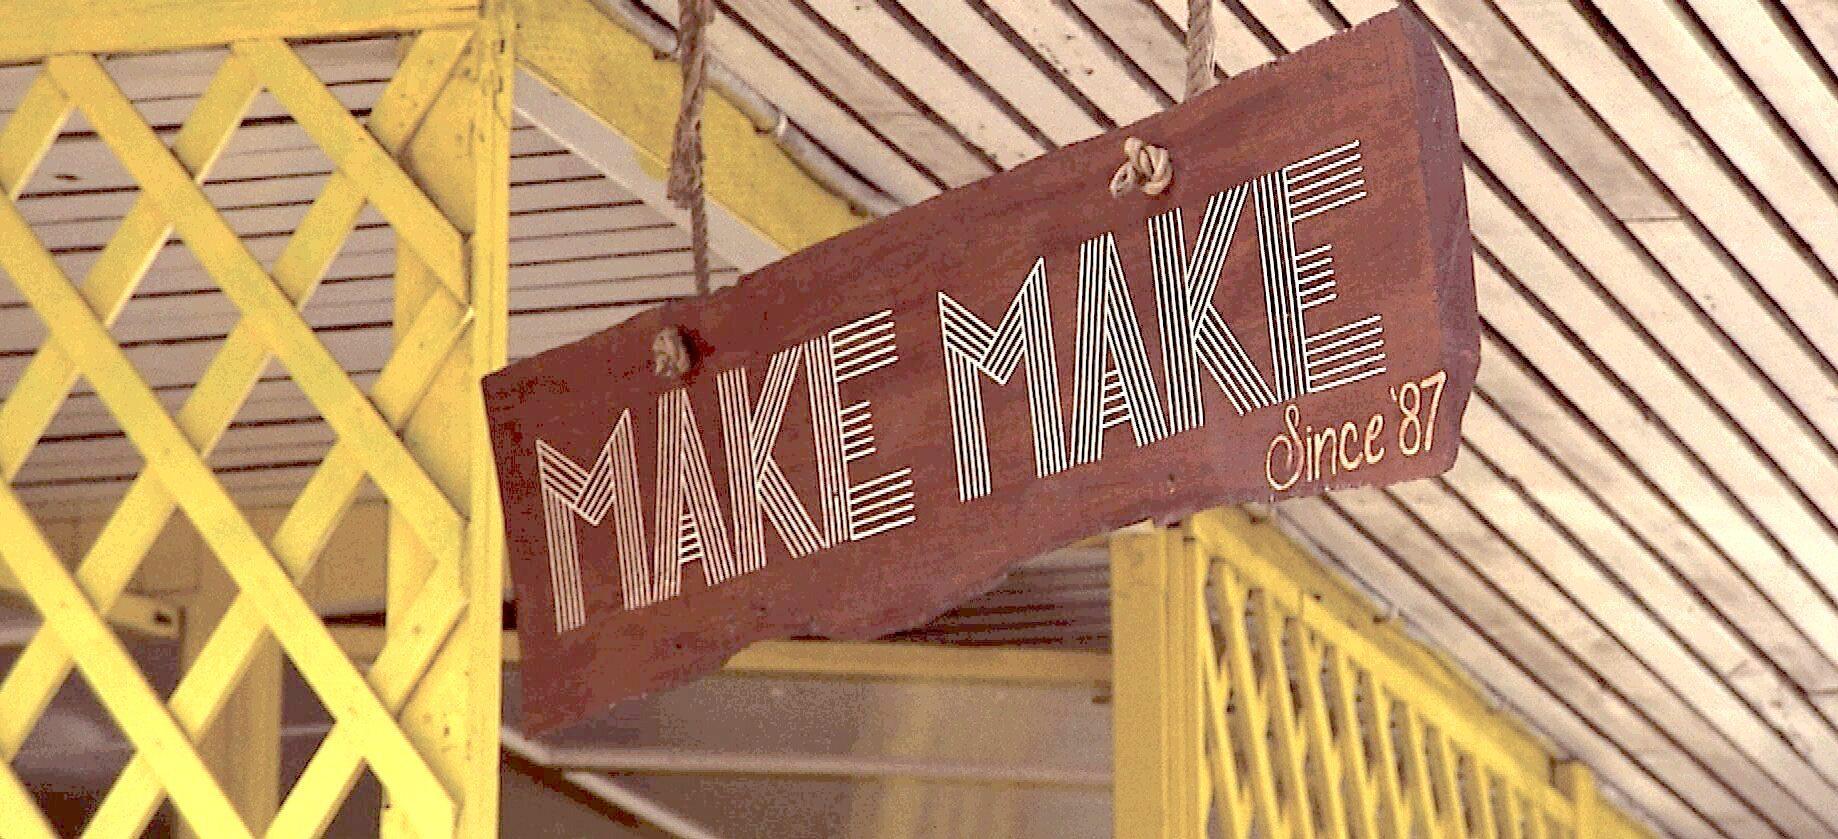 Snack Make Make